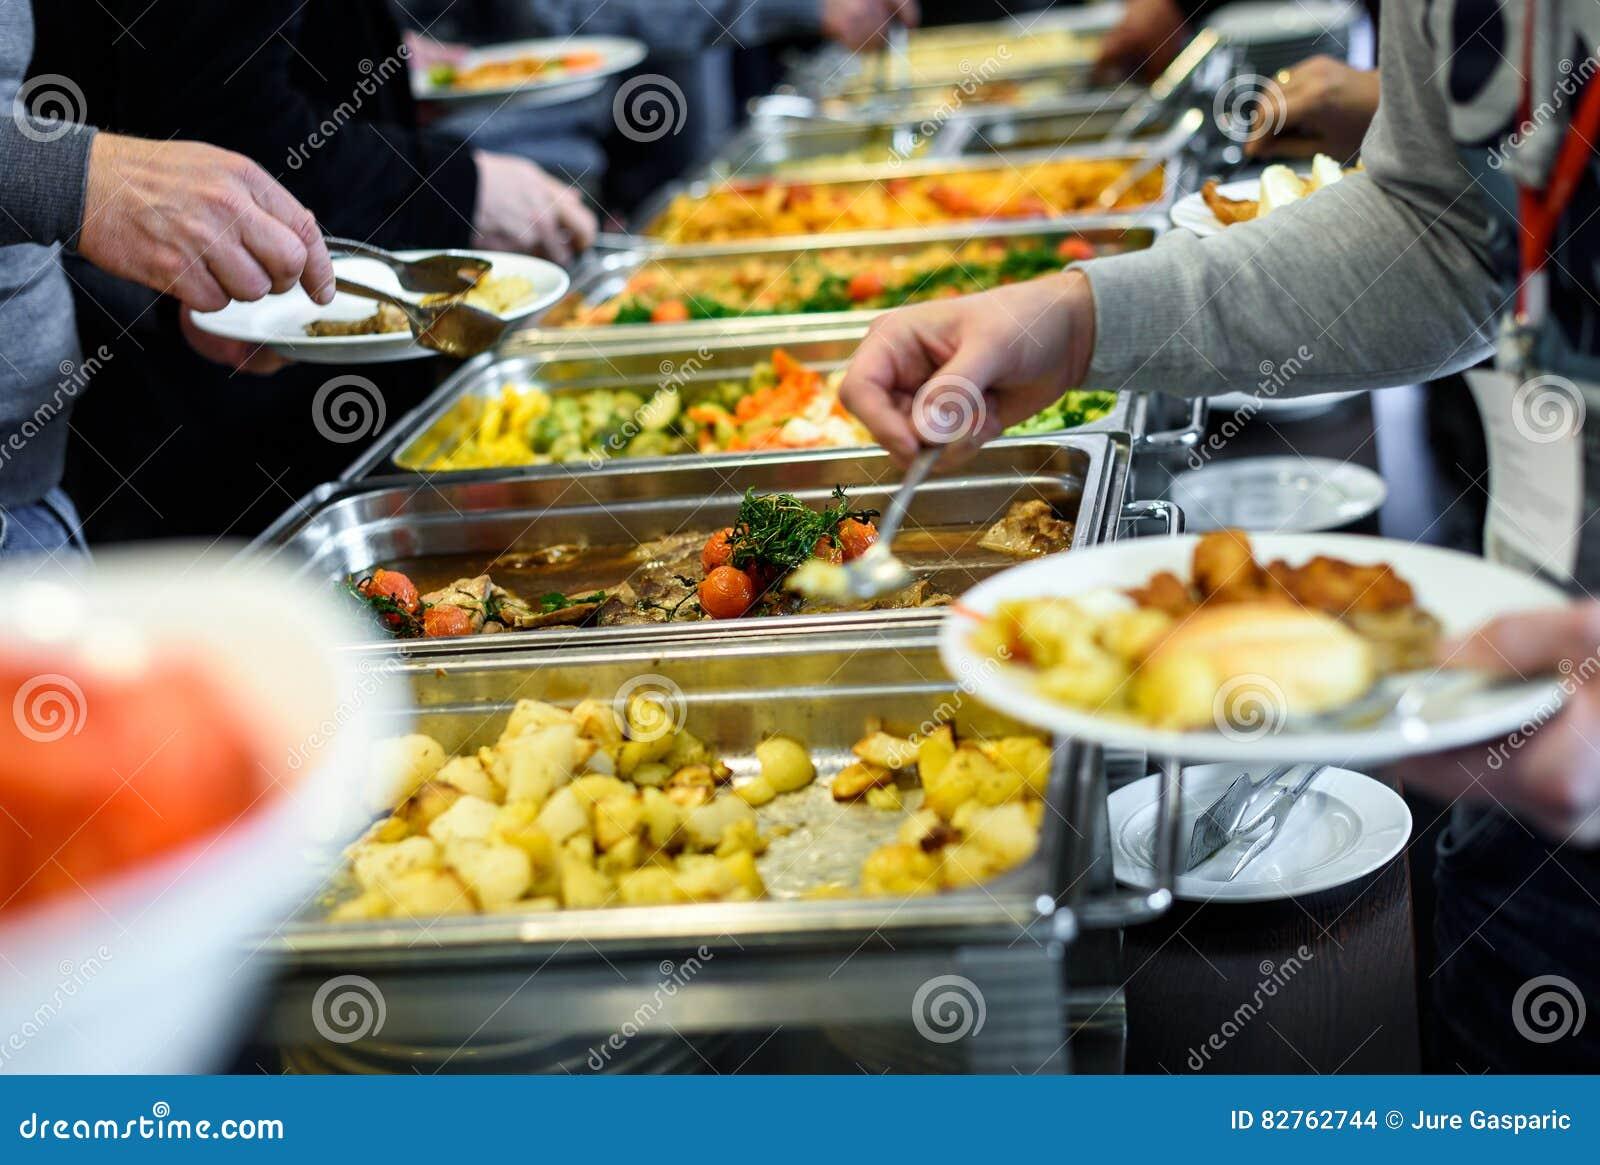 Ресторанное обслуживаниа обедающего шведского стола кухни кулинарное обедая торжество еды